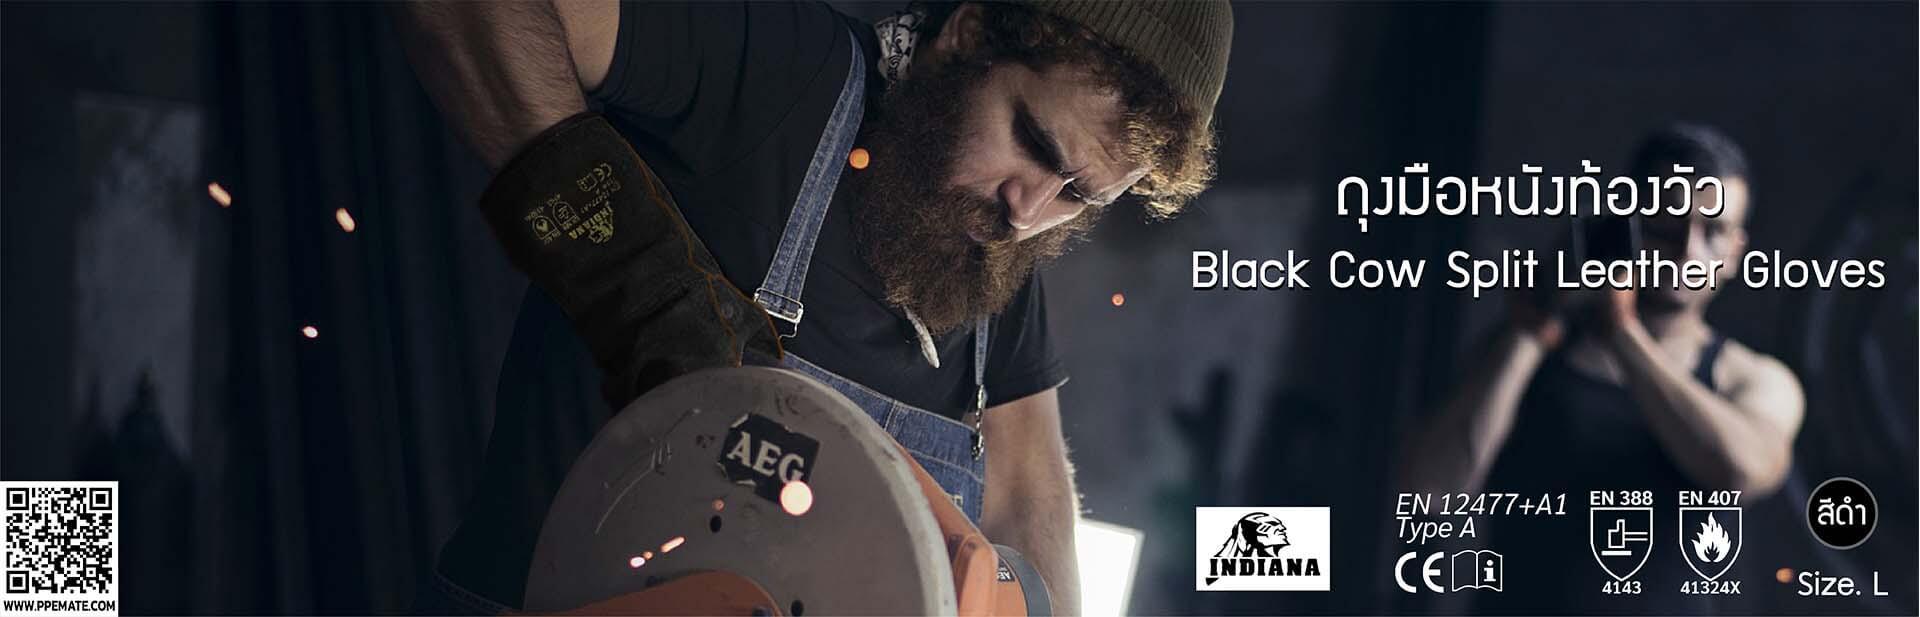 ถุงมือหนังท้องสีดำ Black Cow Split Leather Gloves